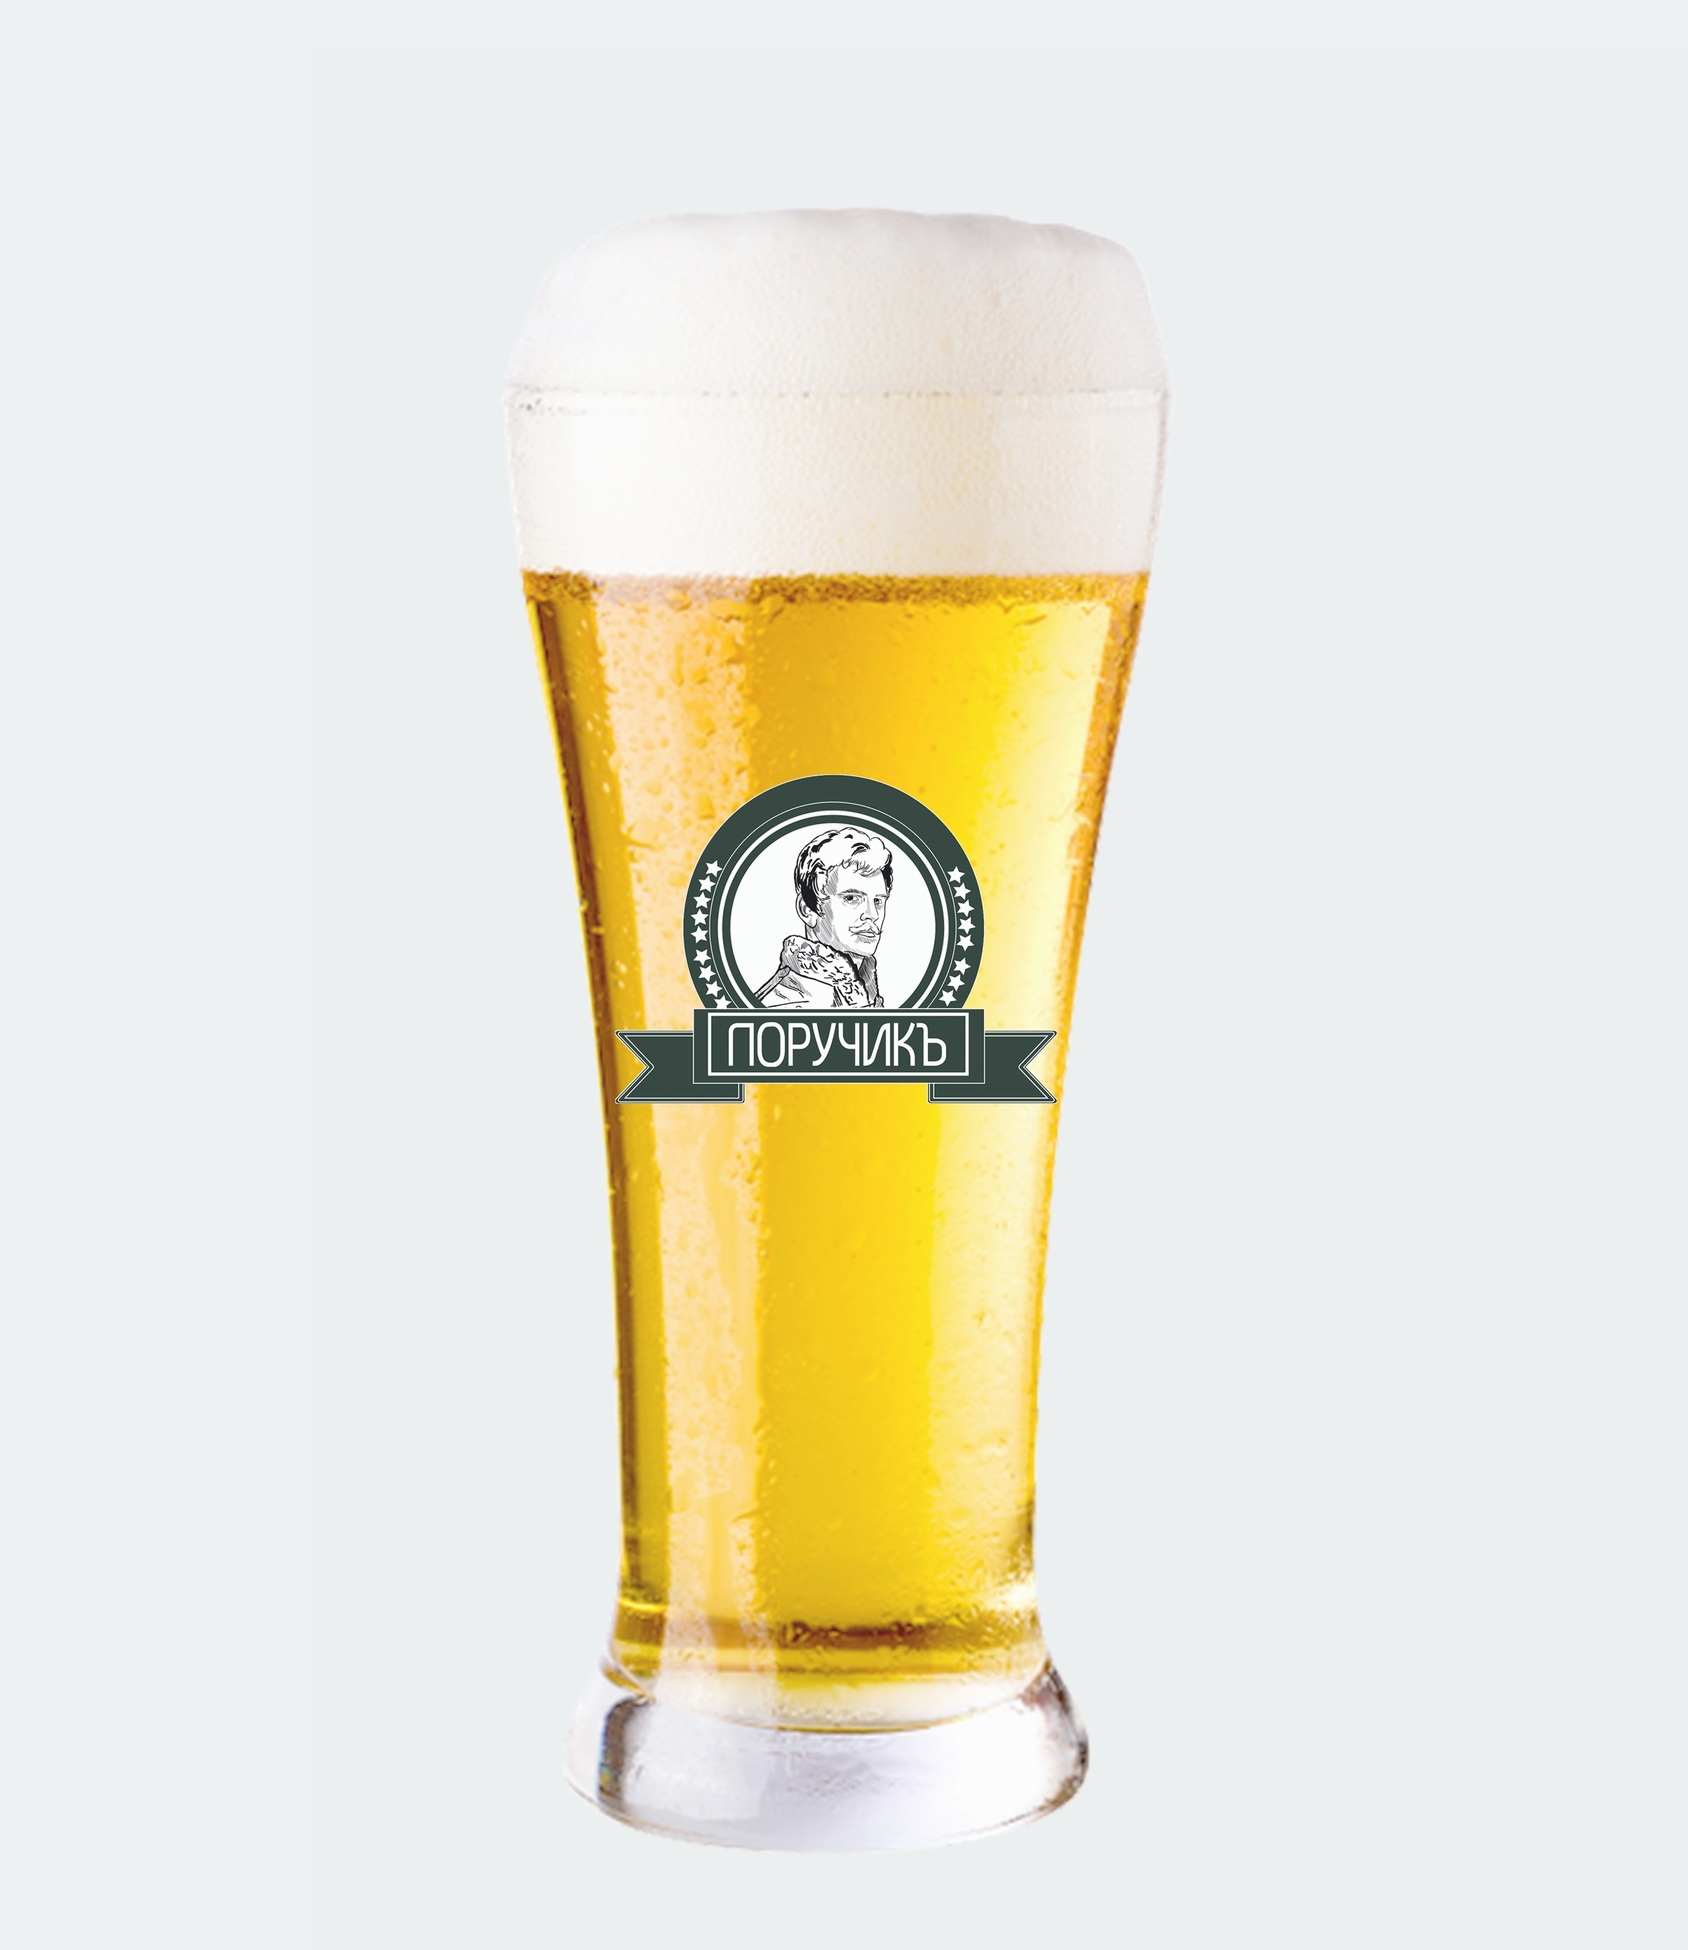 Пиво ПоручикЪ